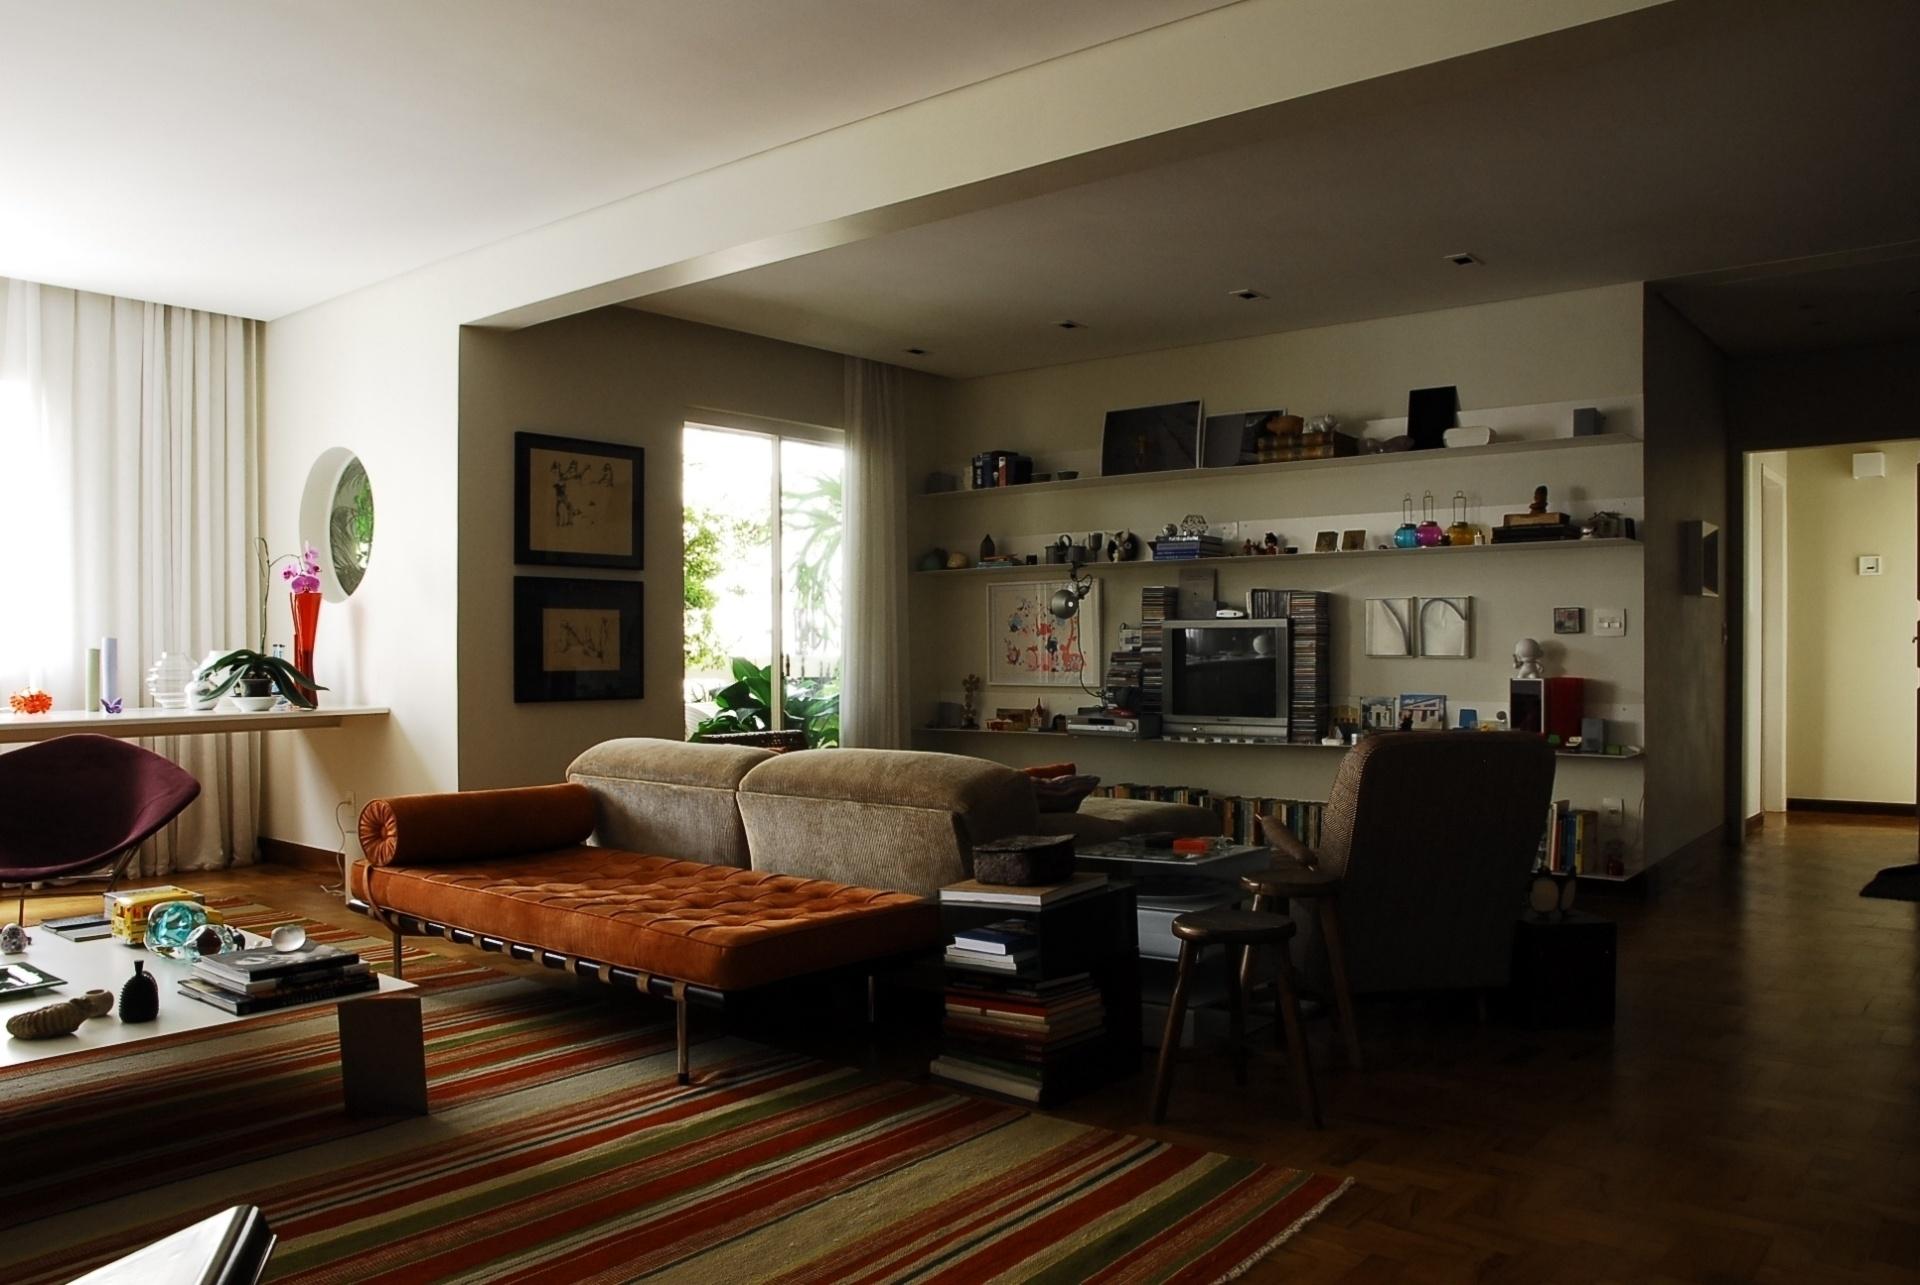 No projeto de reforma e decoração de sua residência no bairro de Higienópolis em São Paulo (SP), o arquiteto Gustavo Calazans eliminou a parede que dividia as salas de estar e de TV, criando um amplo ambiente social integrado